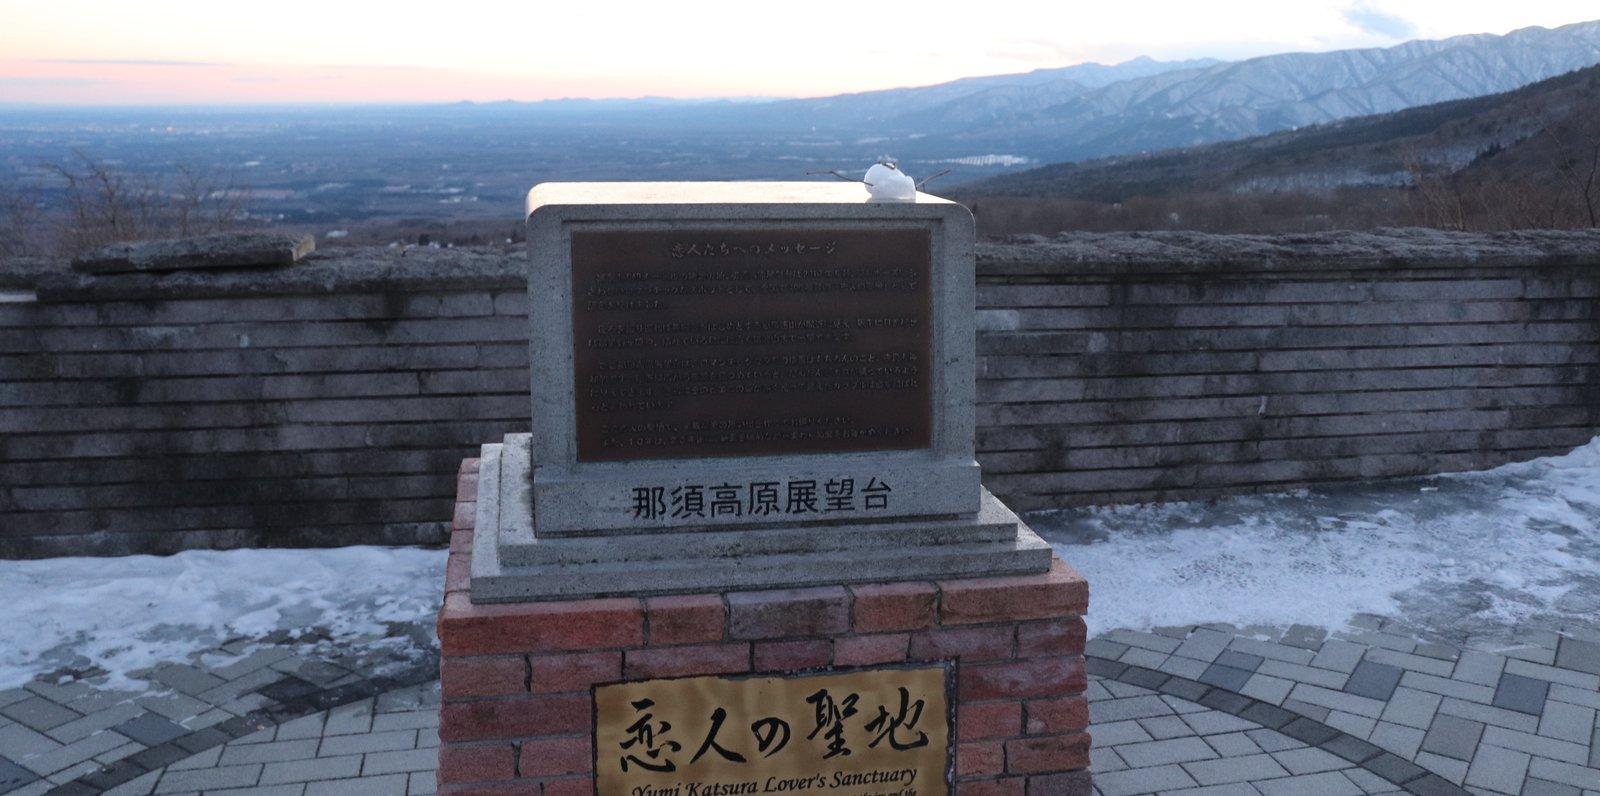 那須高原展望台 (恋人の聖地)